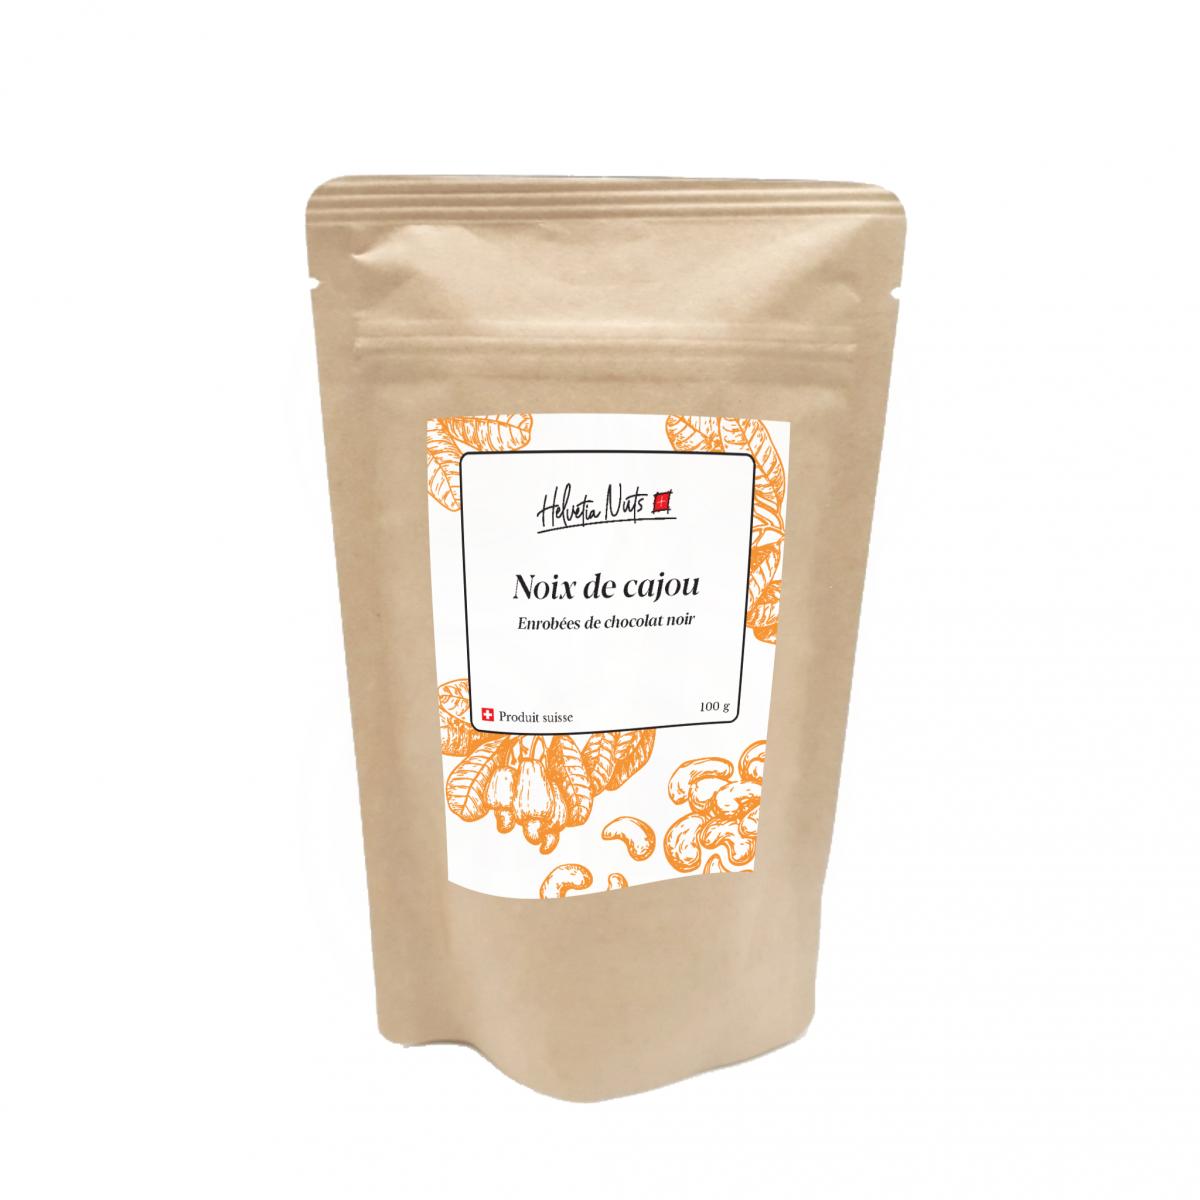 Noix de cajou chocolat noir - Helvetia Nuts - Sucré - HN6